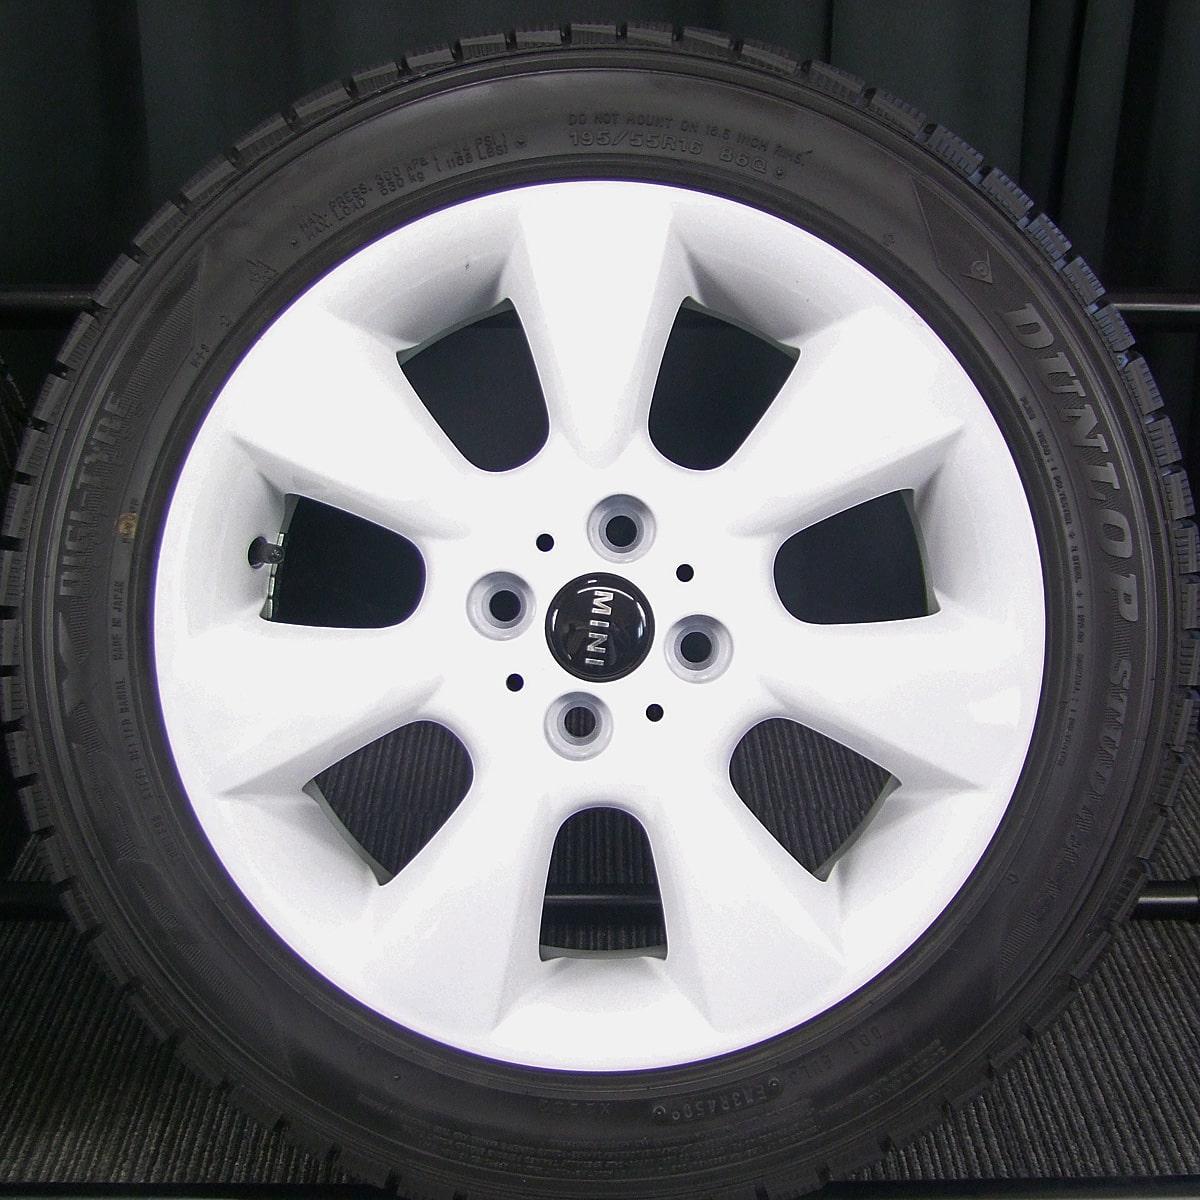 BMW MINI 純正 ホワイト DUNLOP DSX 195/55R16 4本SET